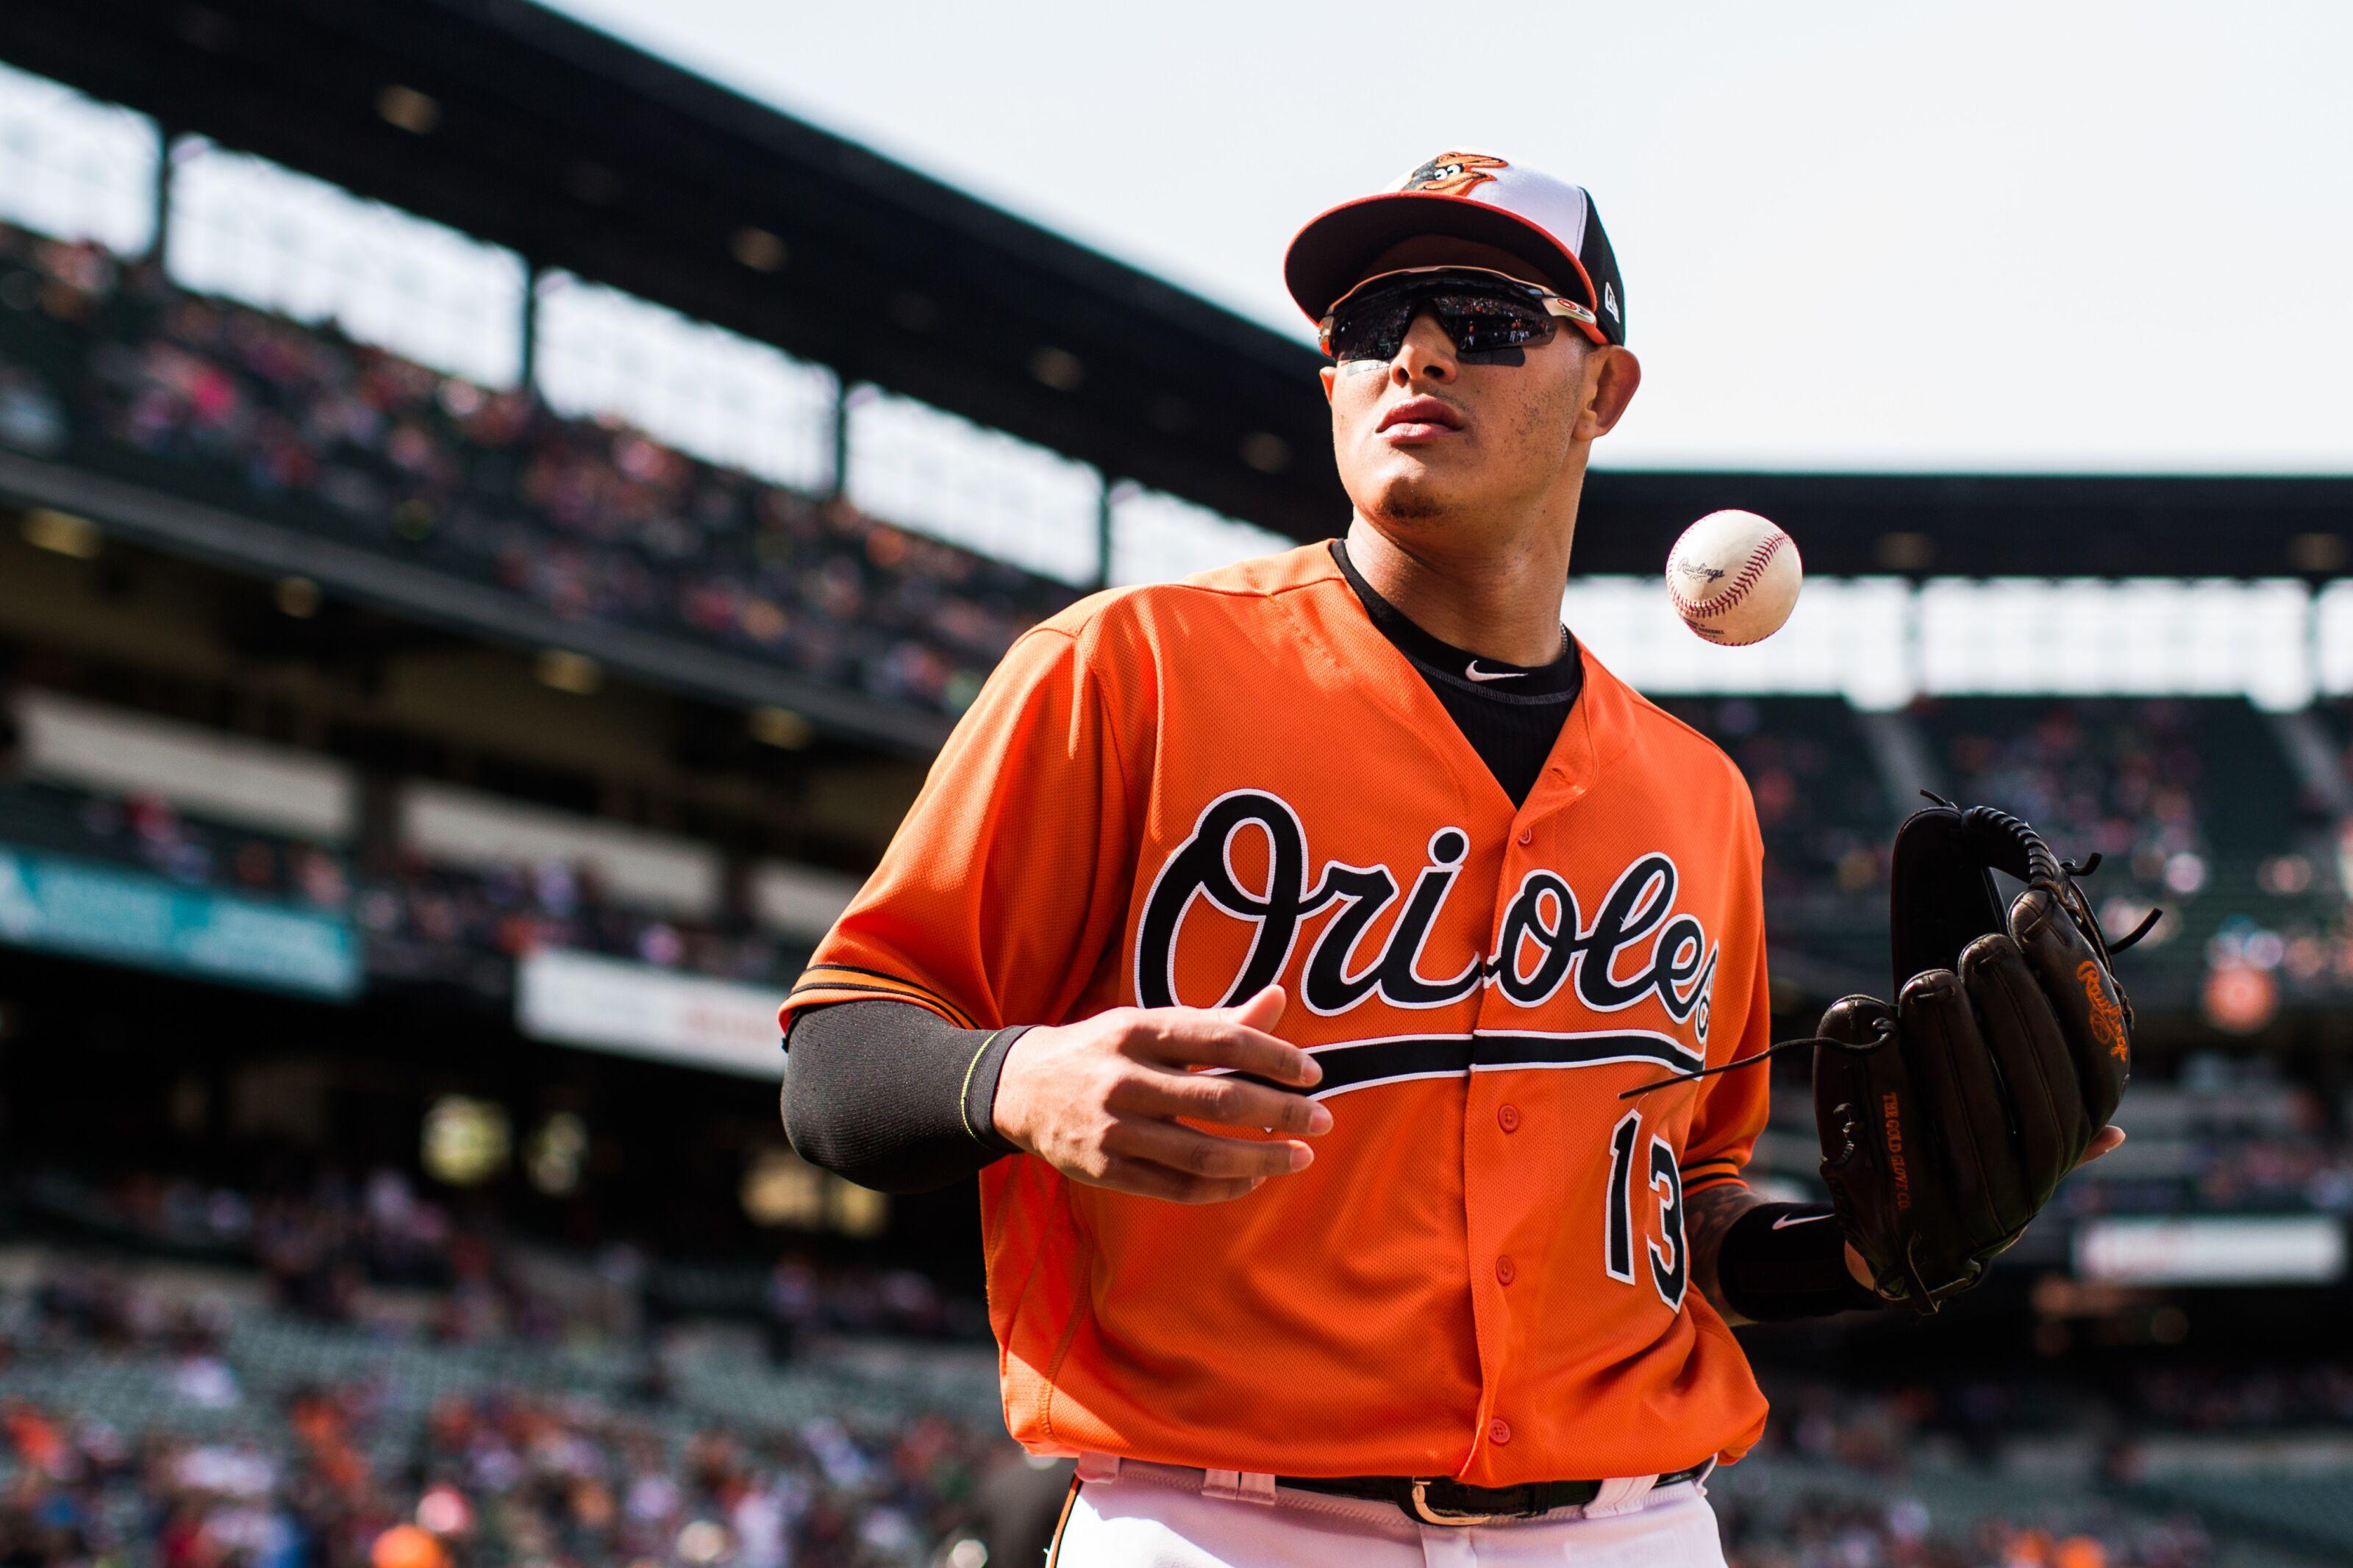 Mlb Dj Lemahieu Yankees Manny